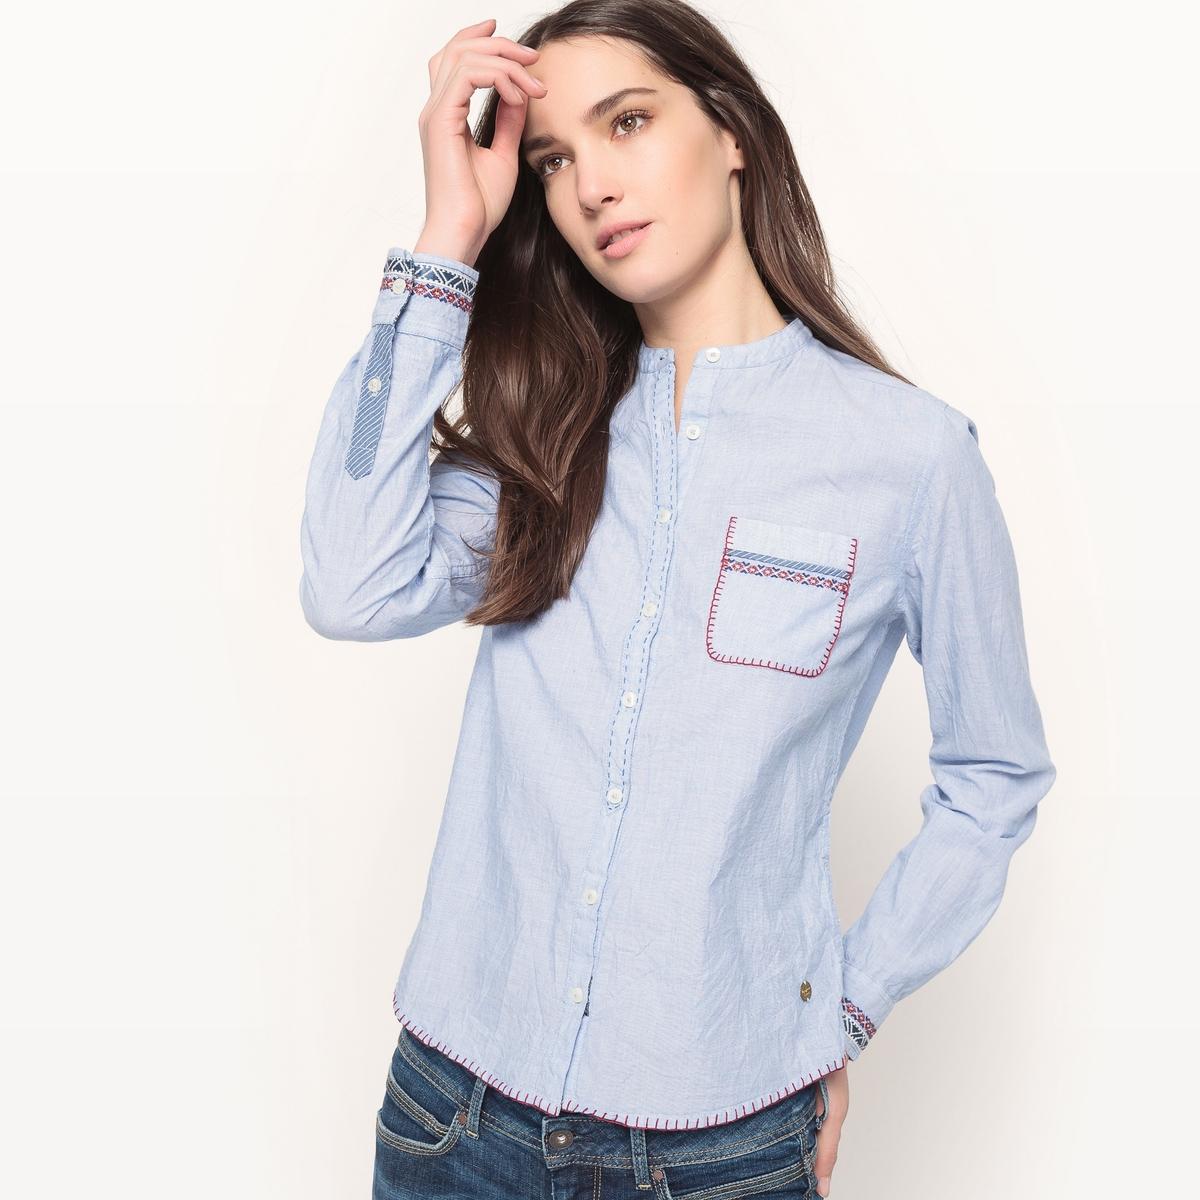 Рубашка из шамбреДетали  •  Длинные рукава •  Приталенный покрой •  Круглый вырез •  Уголки воротника на пуговицахСостав и уход •  100% хлопок •  Следуйте советам по уходу, указанным на этикетке<br><br>Цвет: голубой<br>Размер: M.S.XL